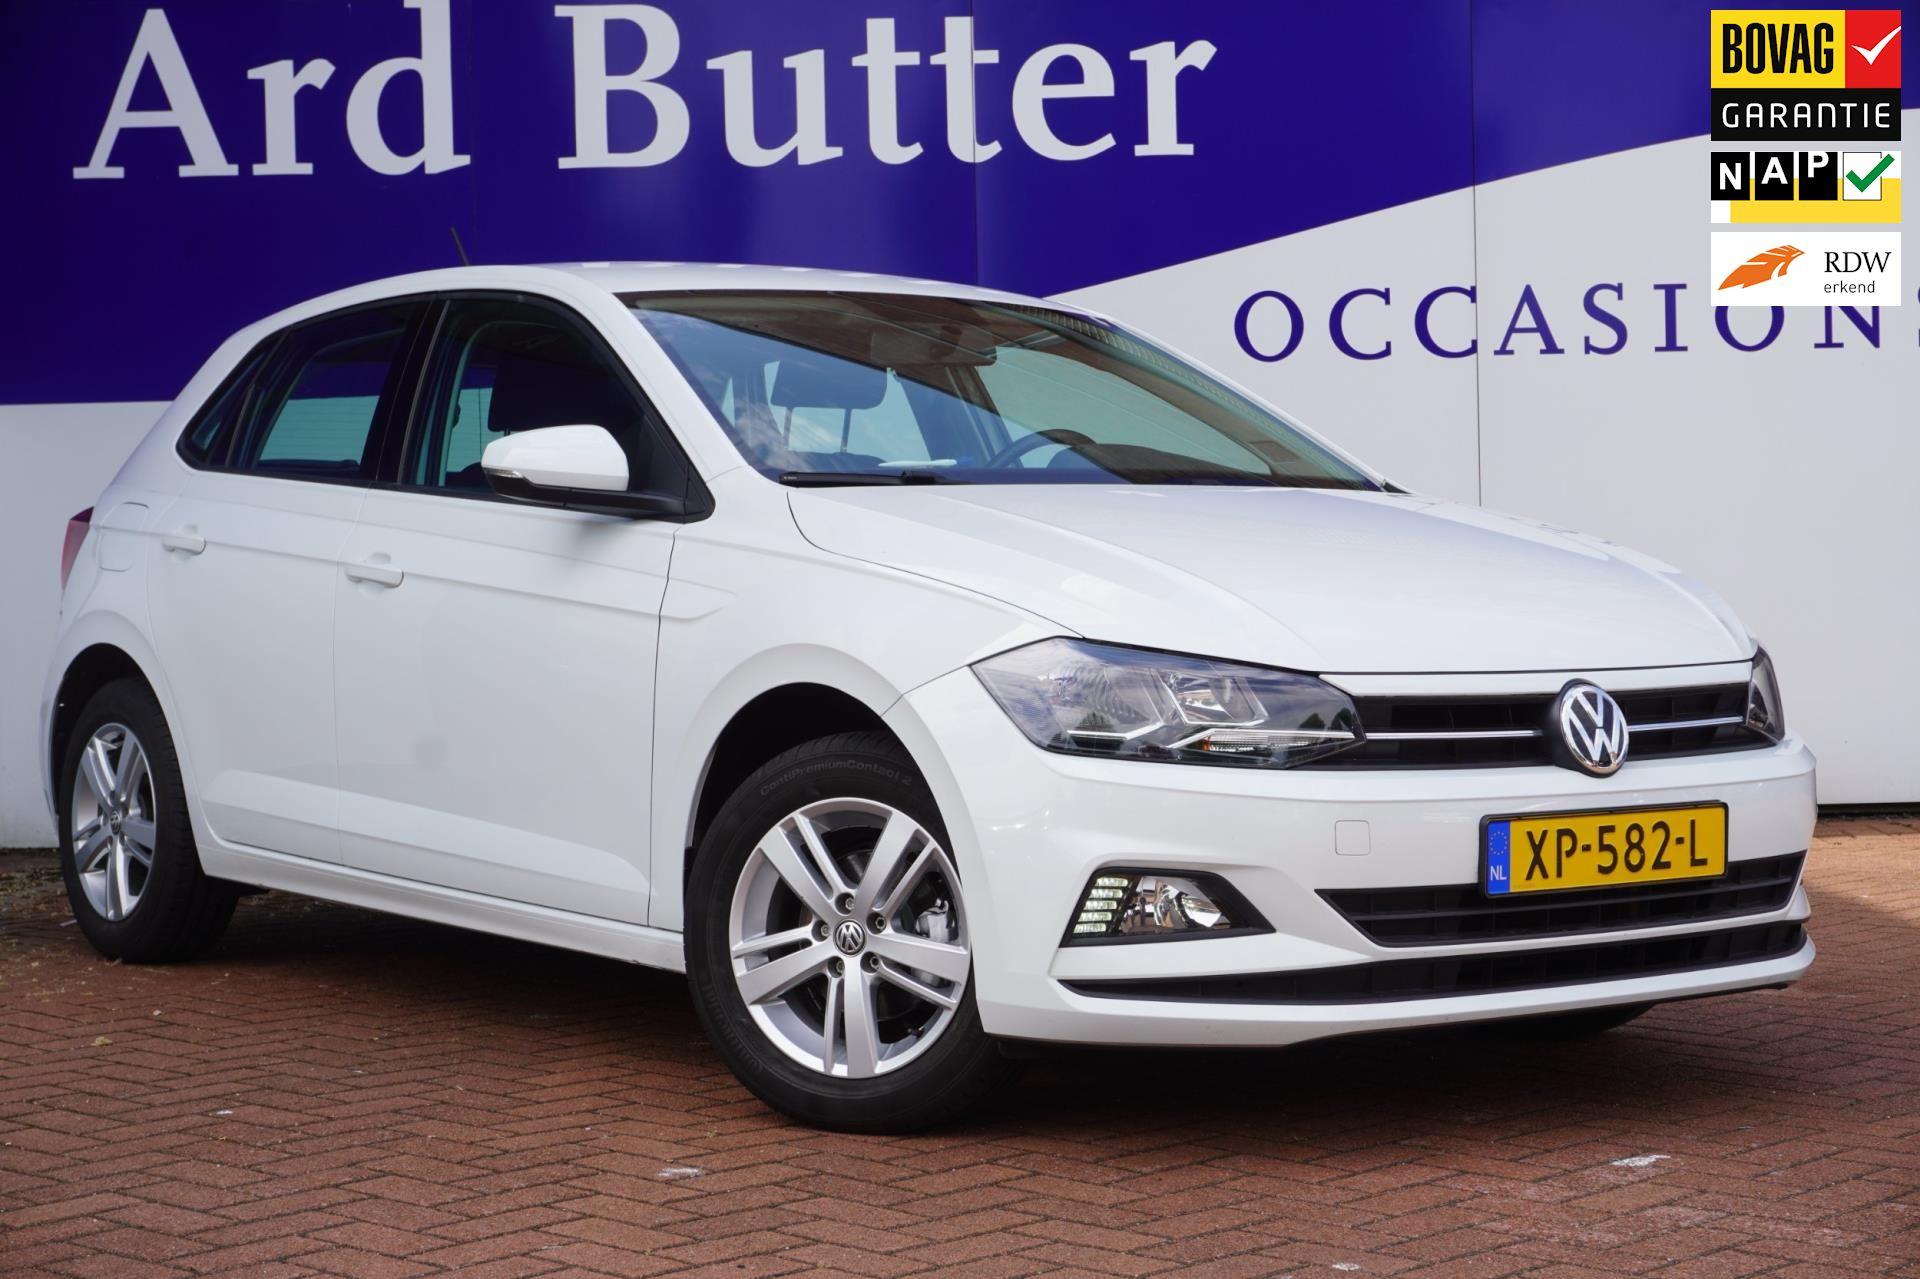 Volkswagen Polo occasion - Autobedrijf Ard Butter B.V.